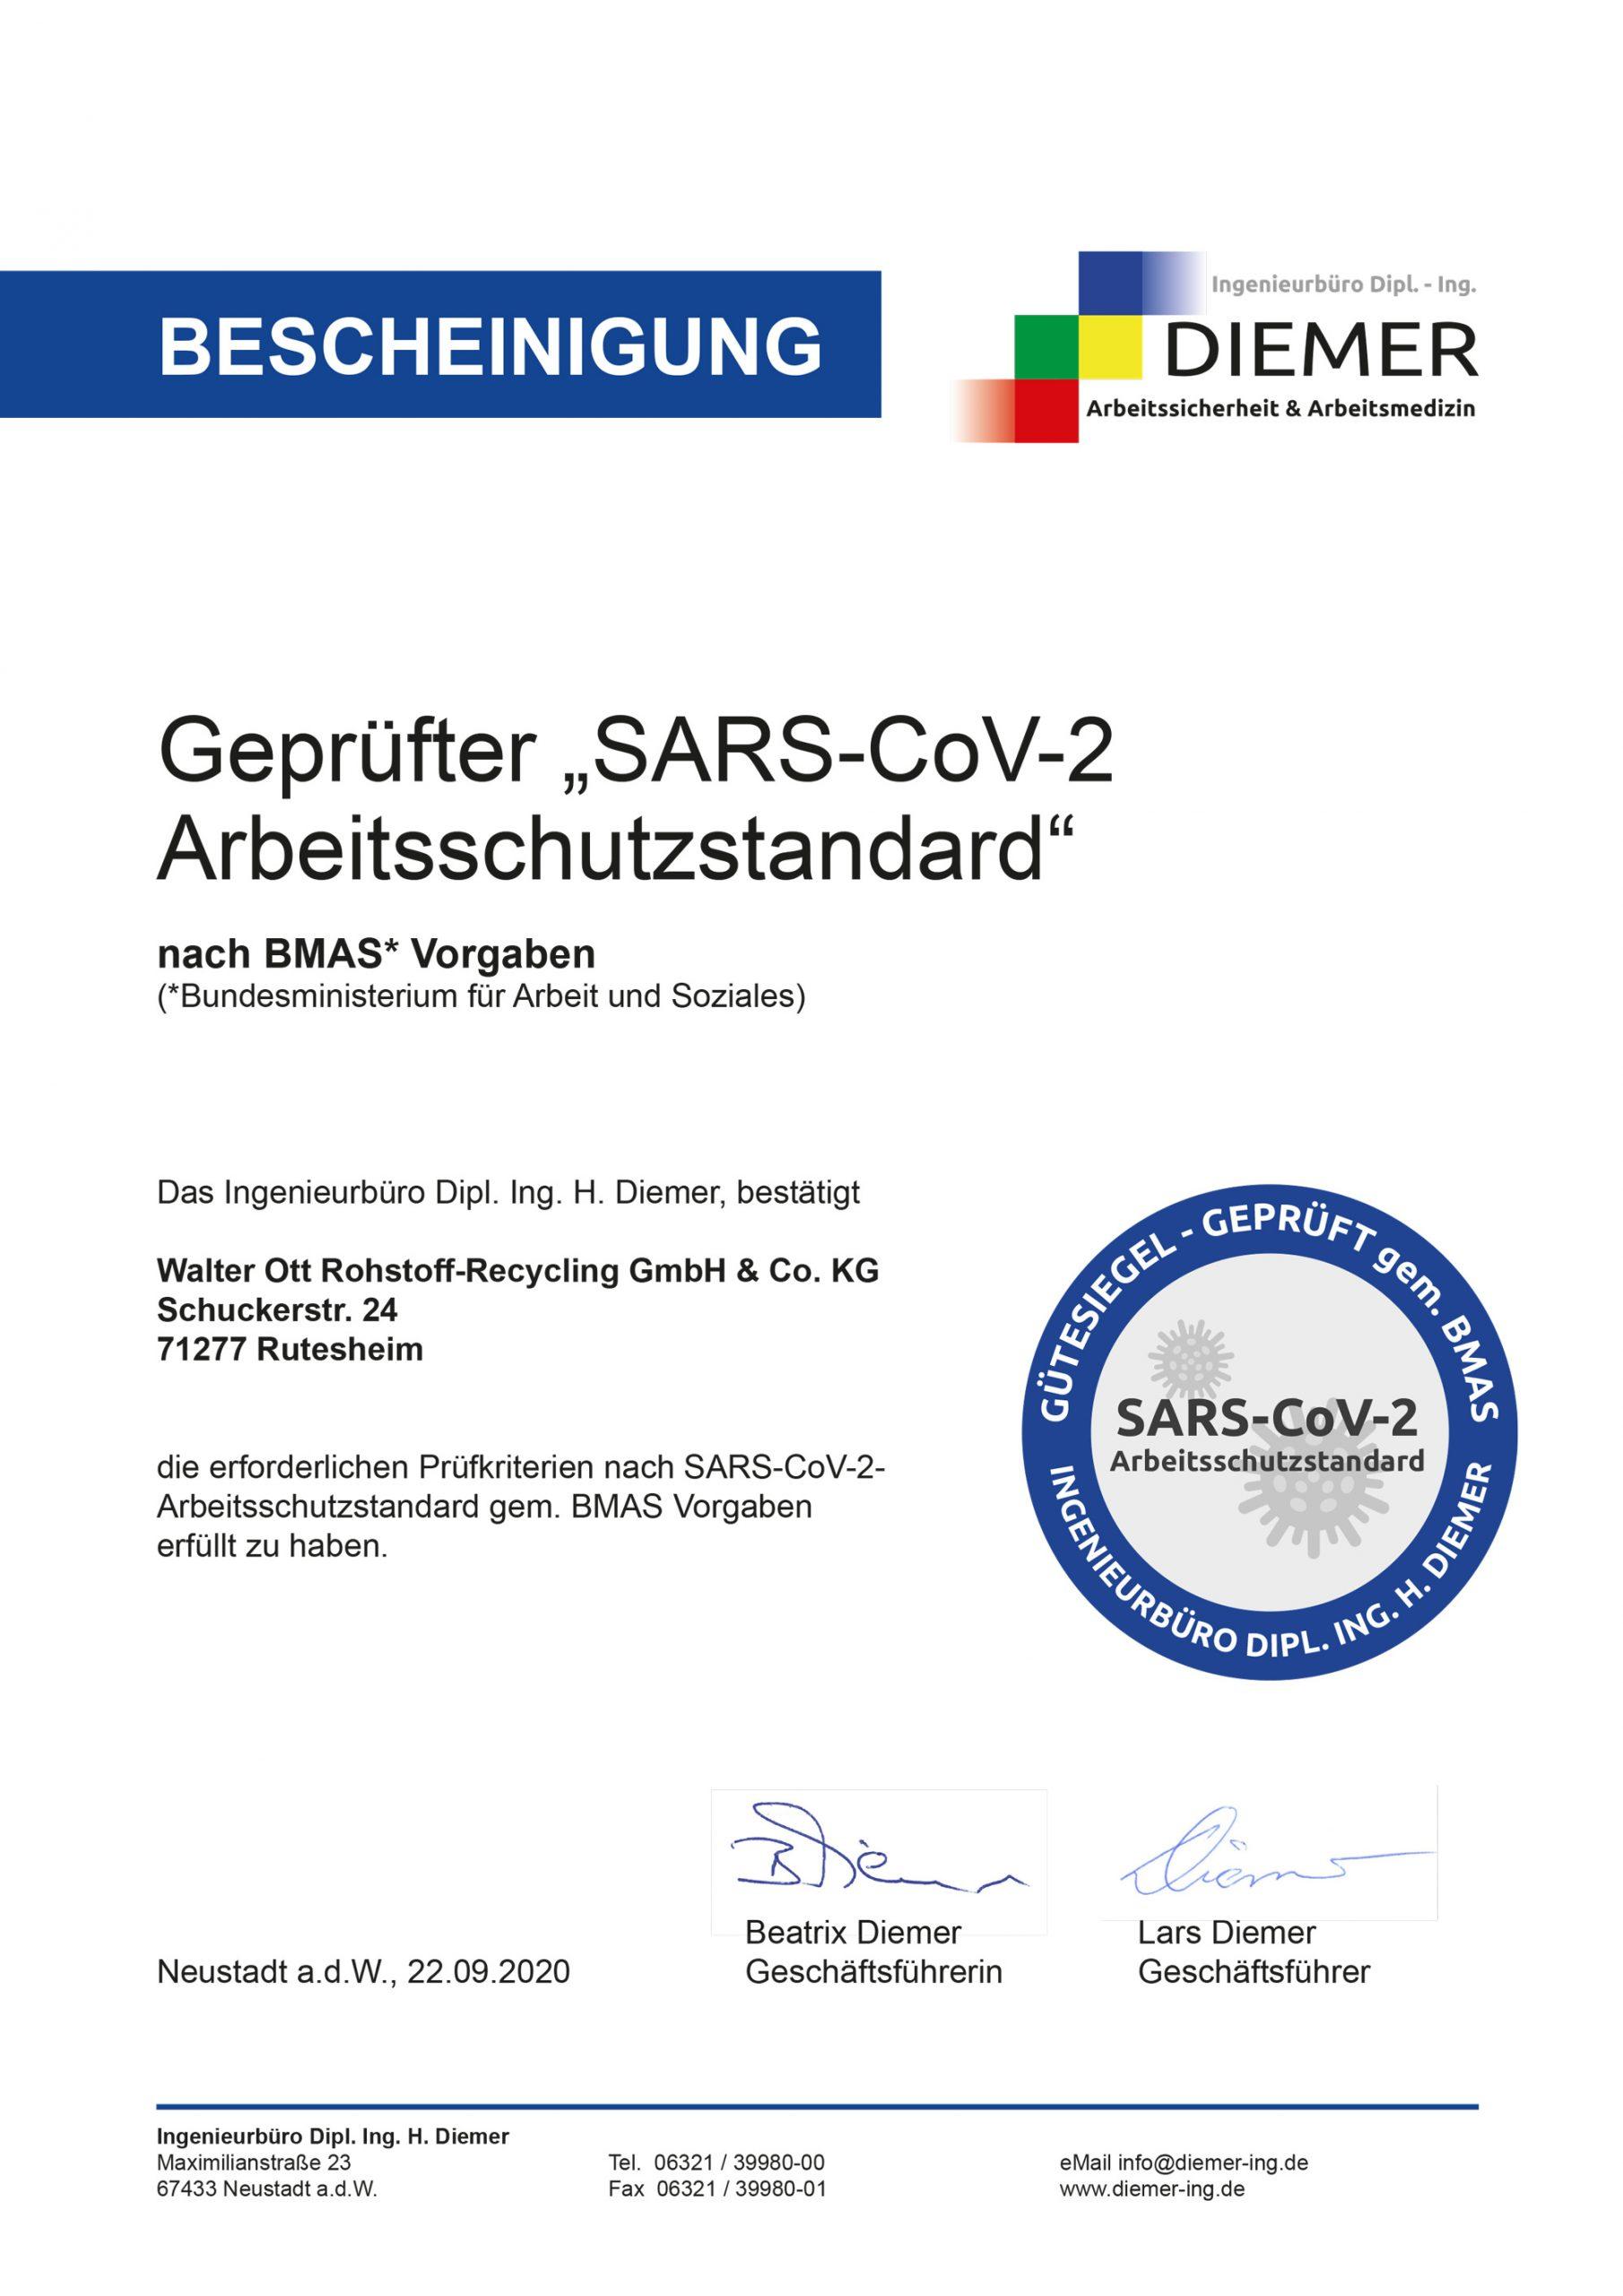 Bescheinigung_SARS-CoV-2-Arbeitsschutzstandard